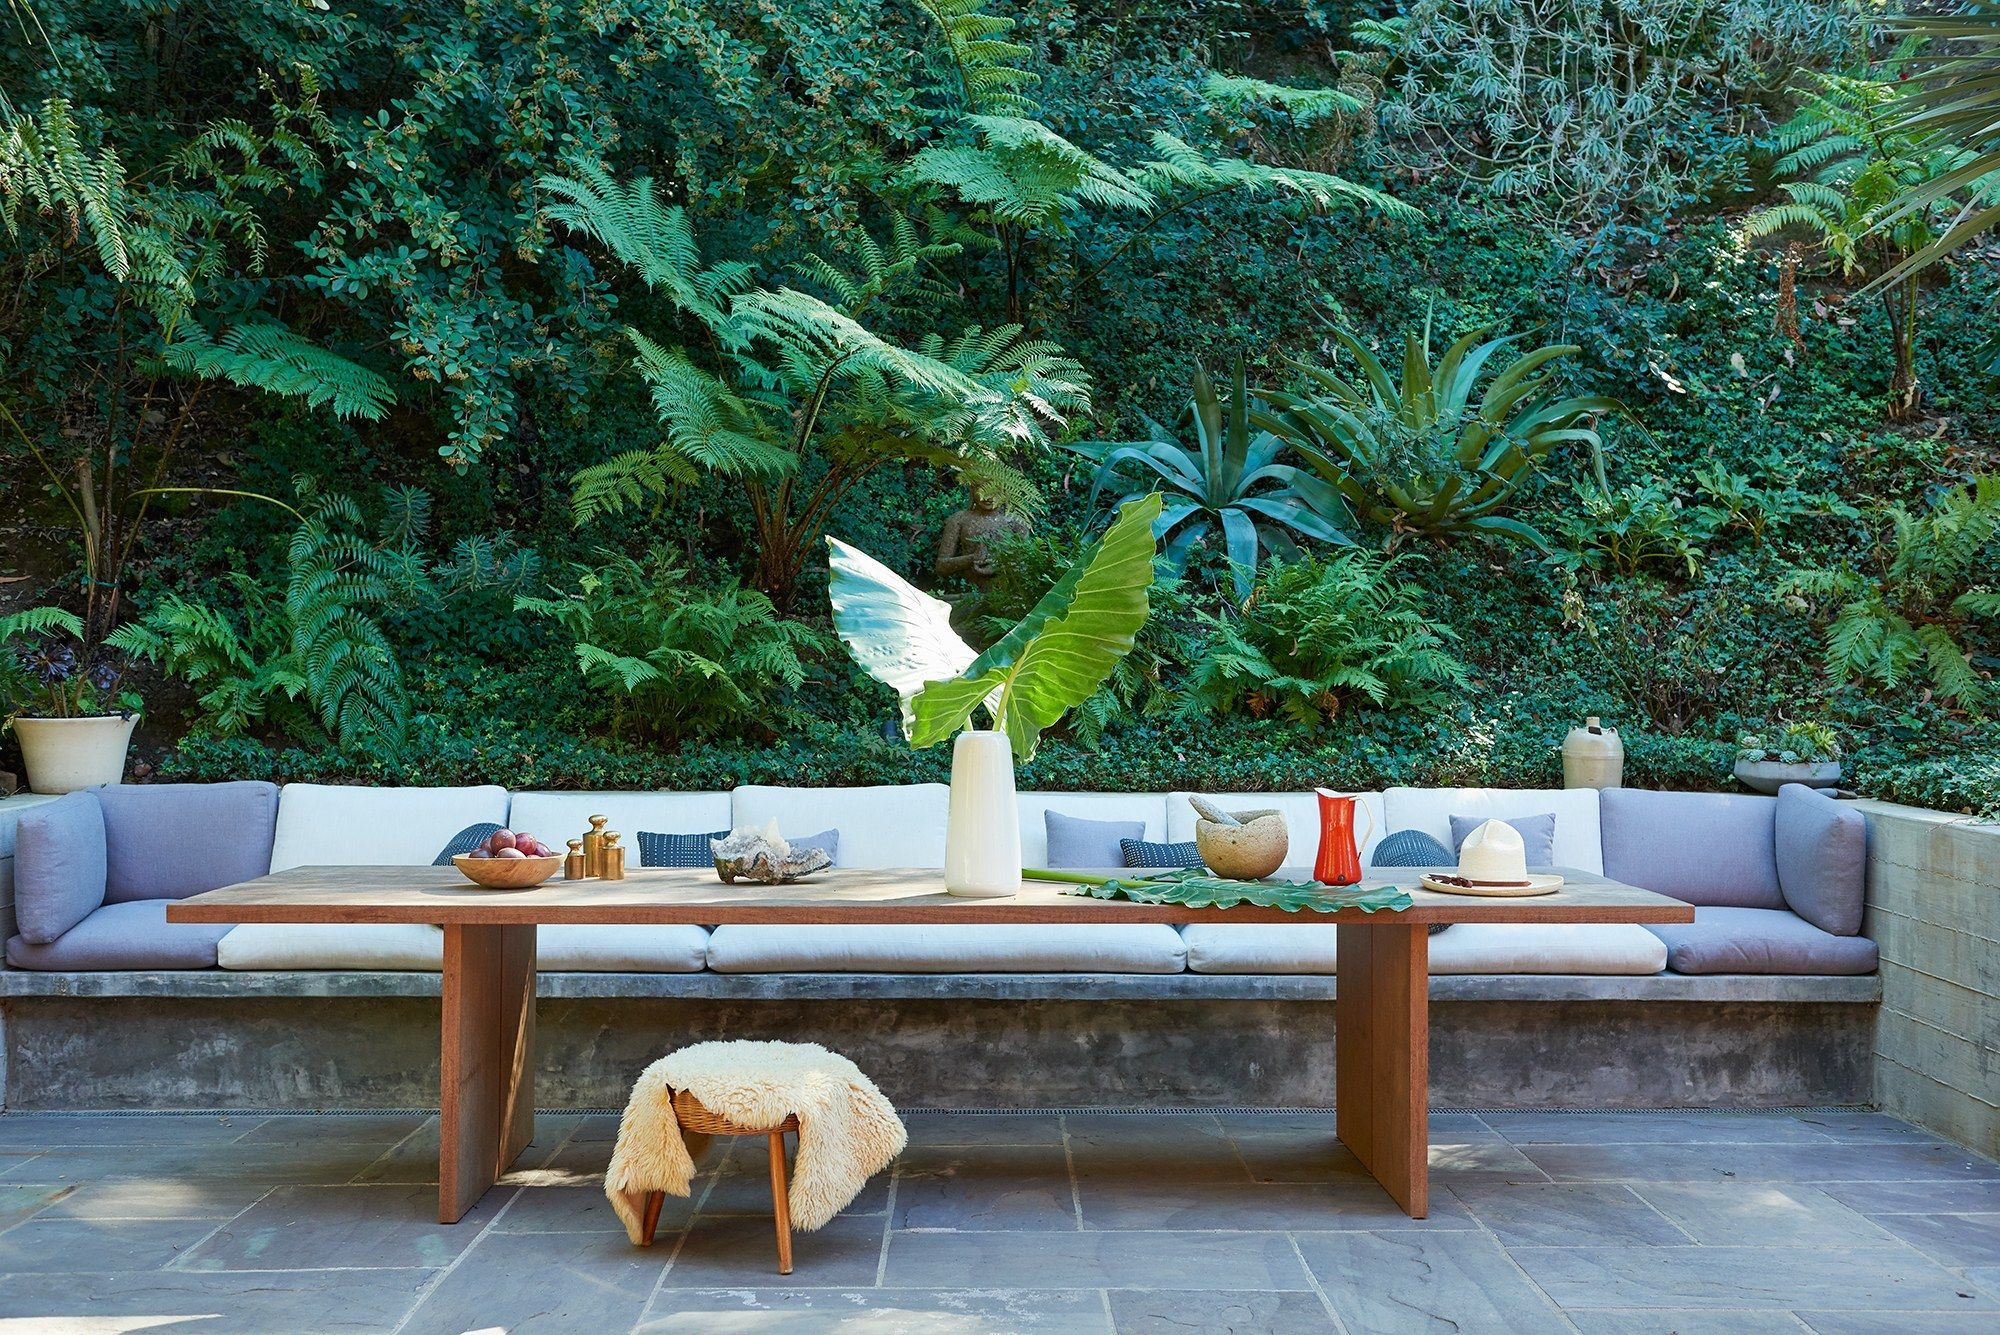 A Look At Amanda Chantal Bacon S Home Home Outdoor Gardens